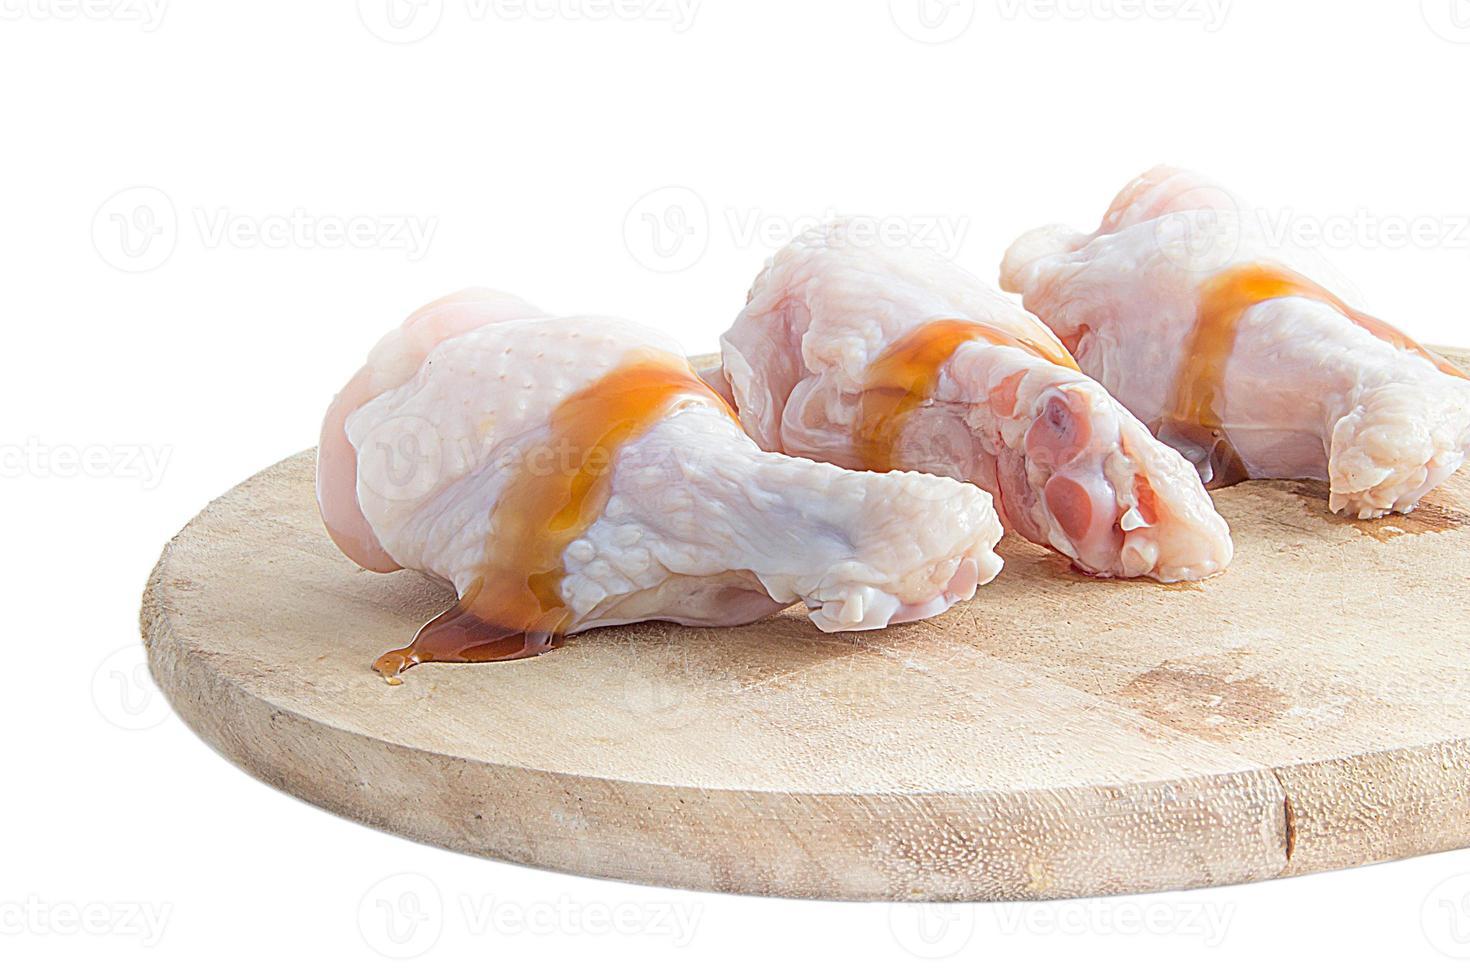 pernas de frango cru em tábuas de madeira no fundo branco foto